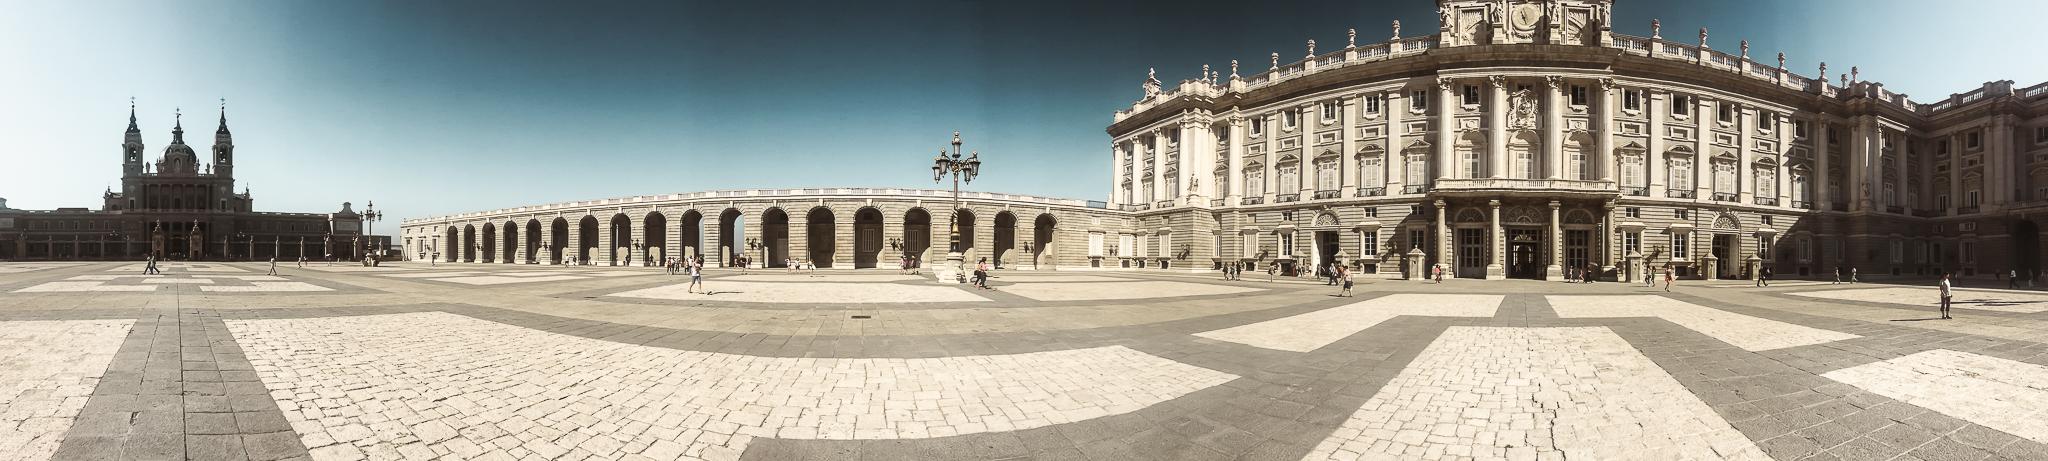 Madrid-8340.jpg